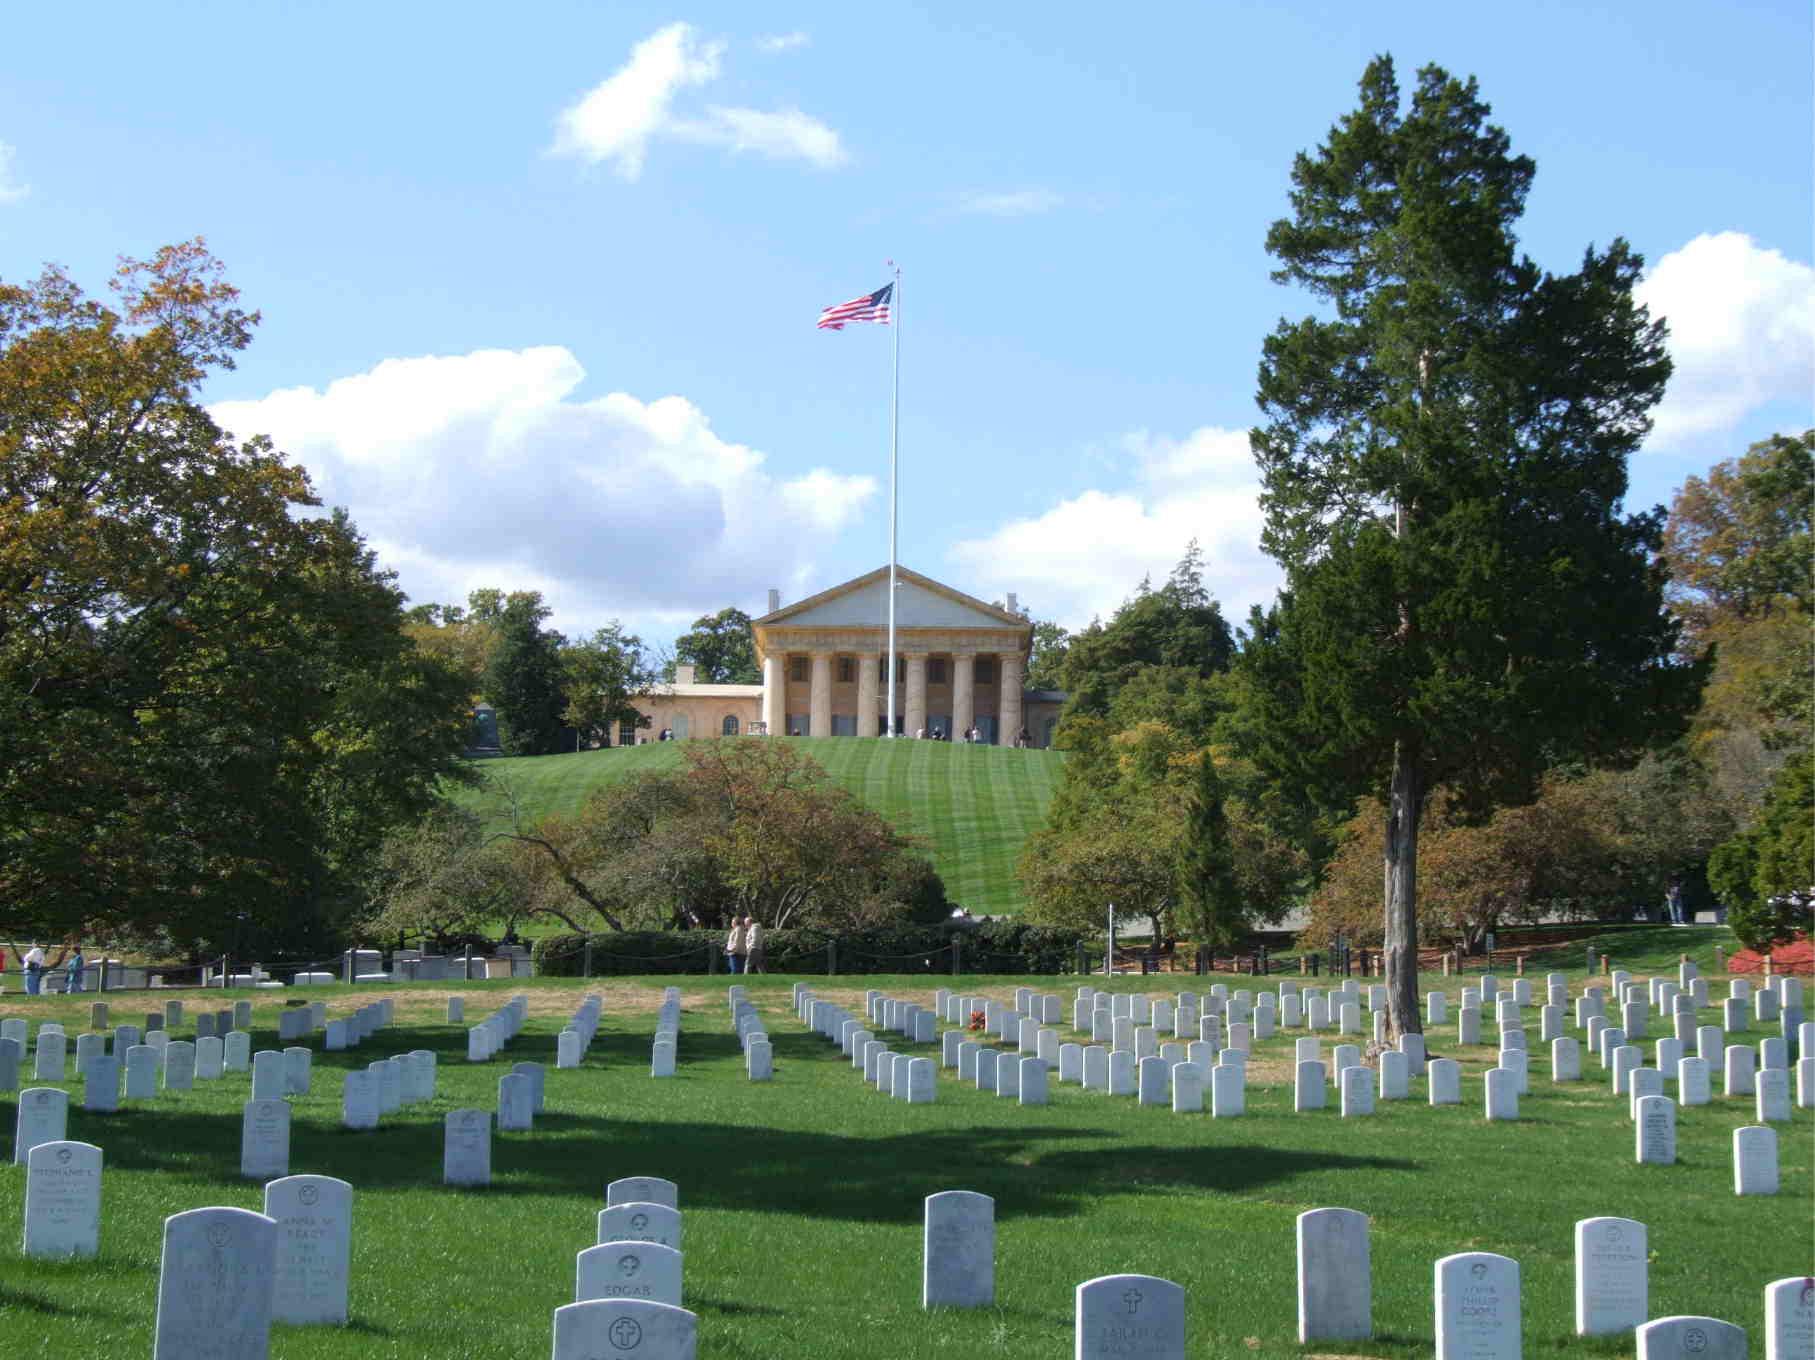 墓地とは何か